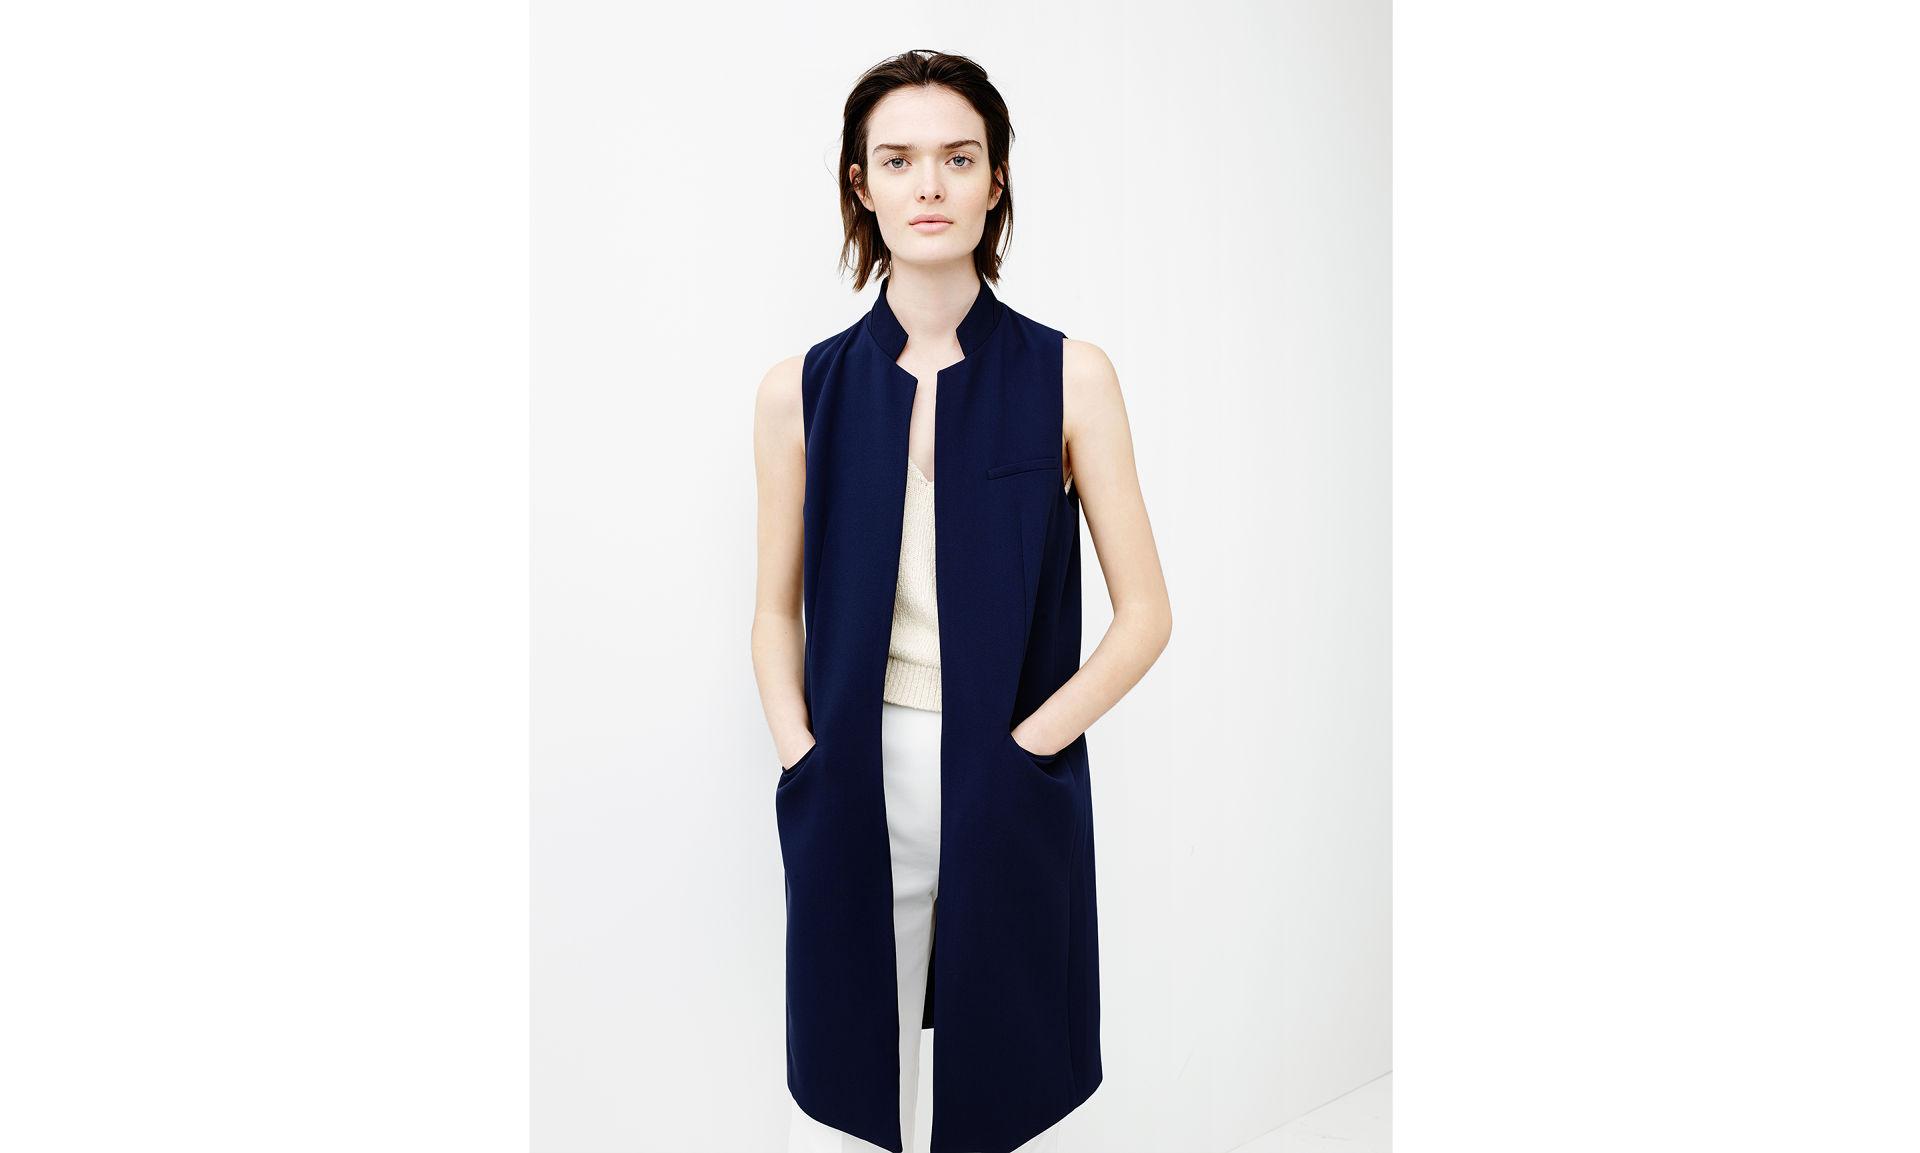 Zara - primavera-verão 2015 imagem: divulgação / site Zara